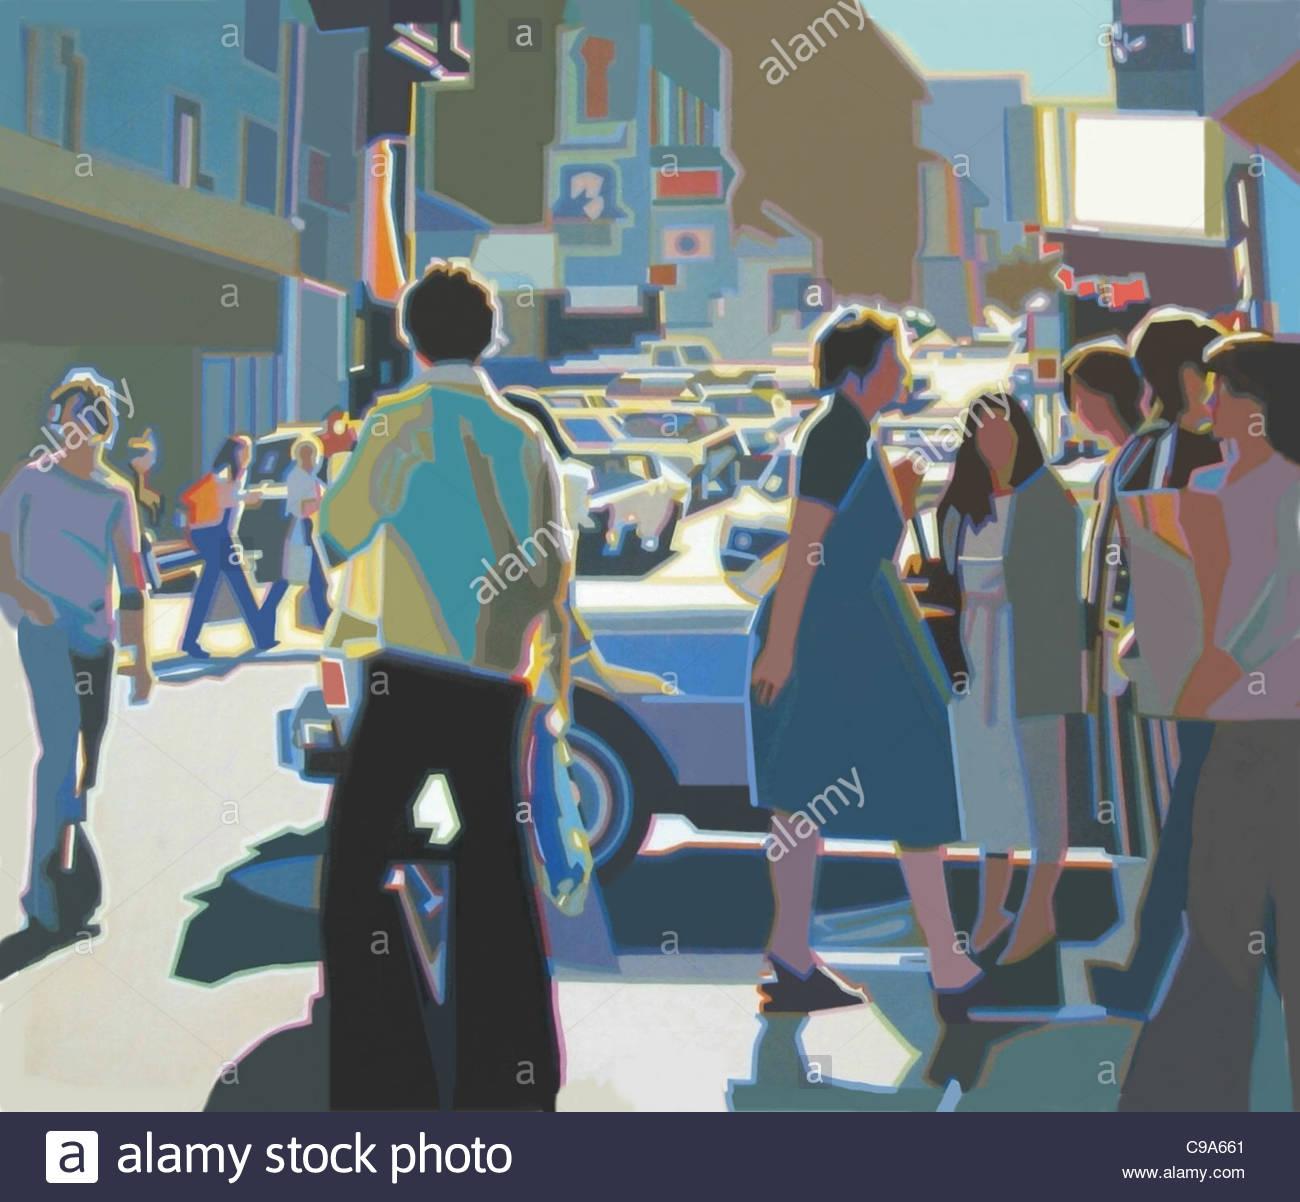 Ciudad Ciudad de EE.UU. Ciudades urbanidad urbana city Intercity urbano urb Municipal Imagen De Stock